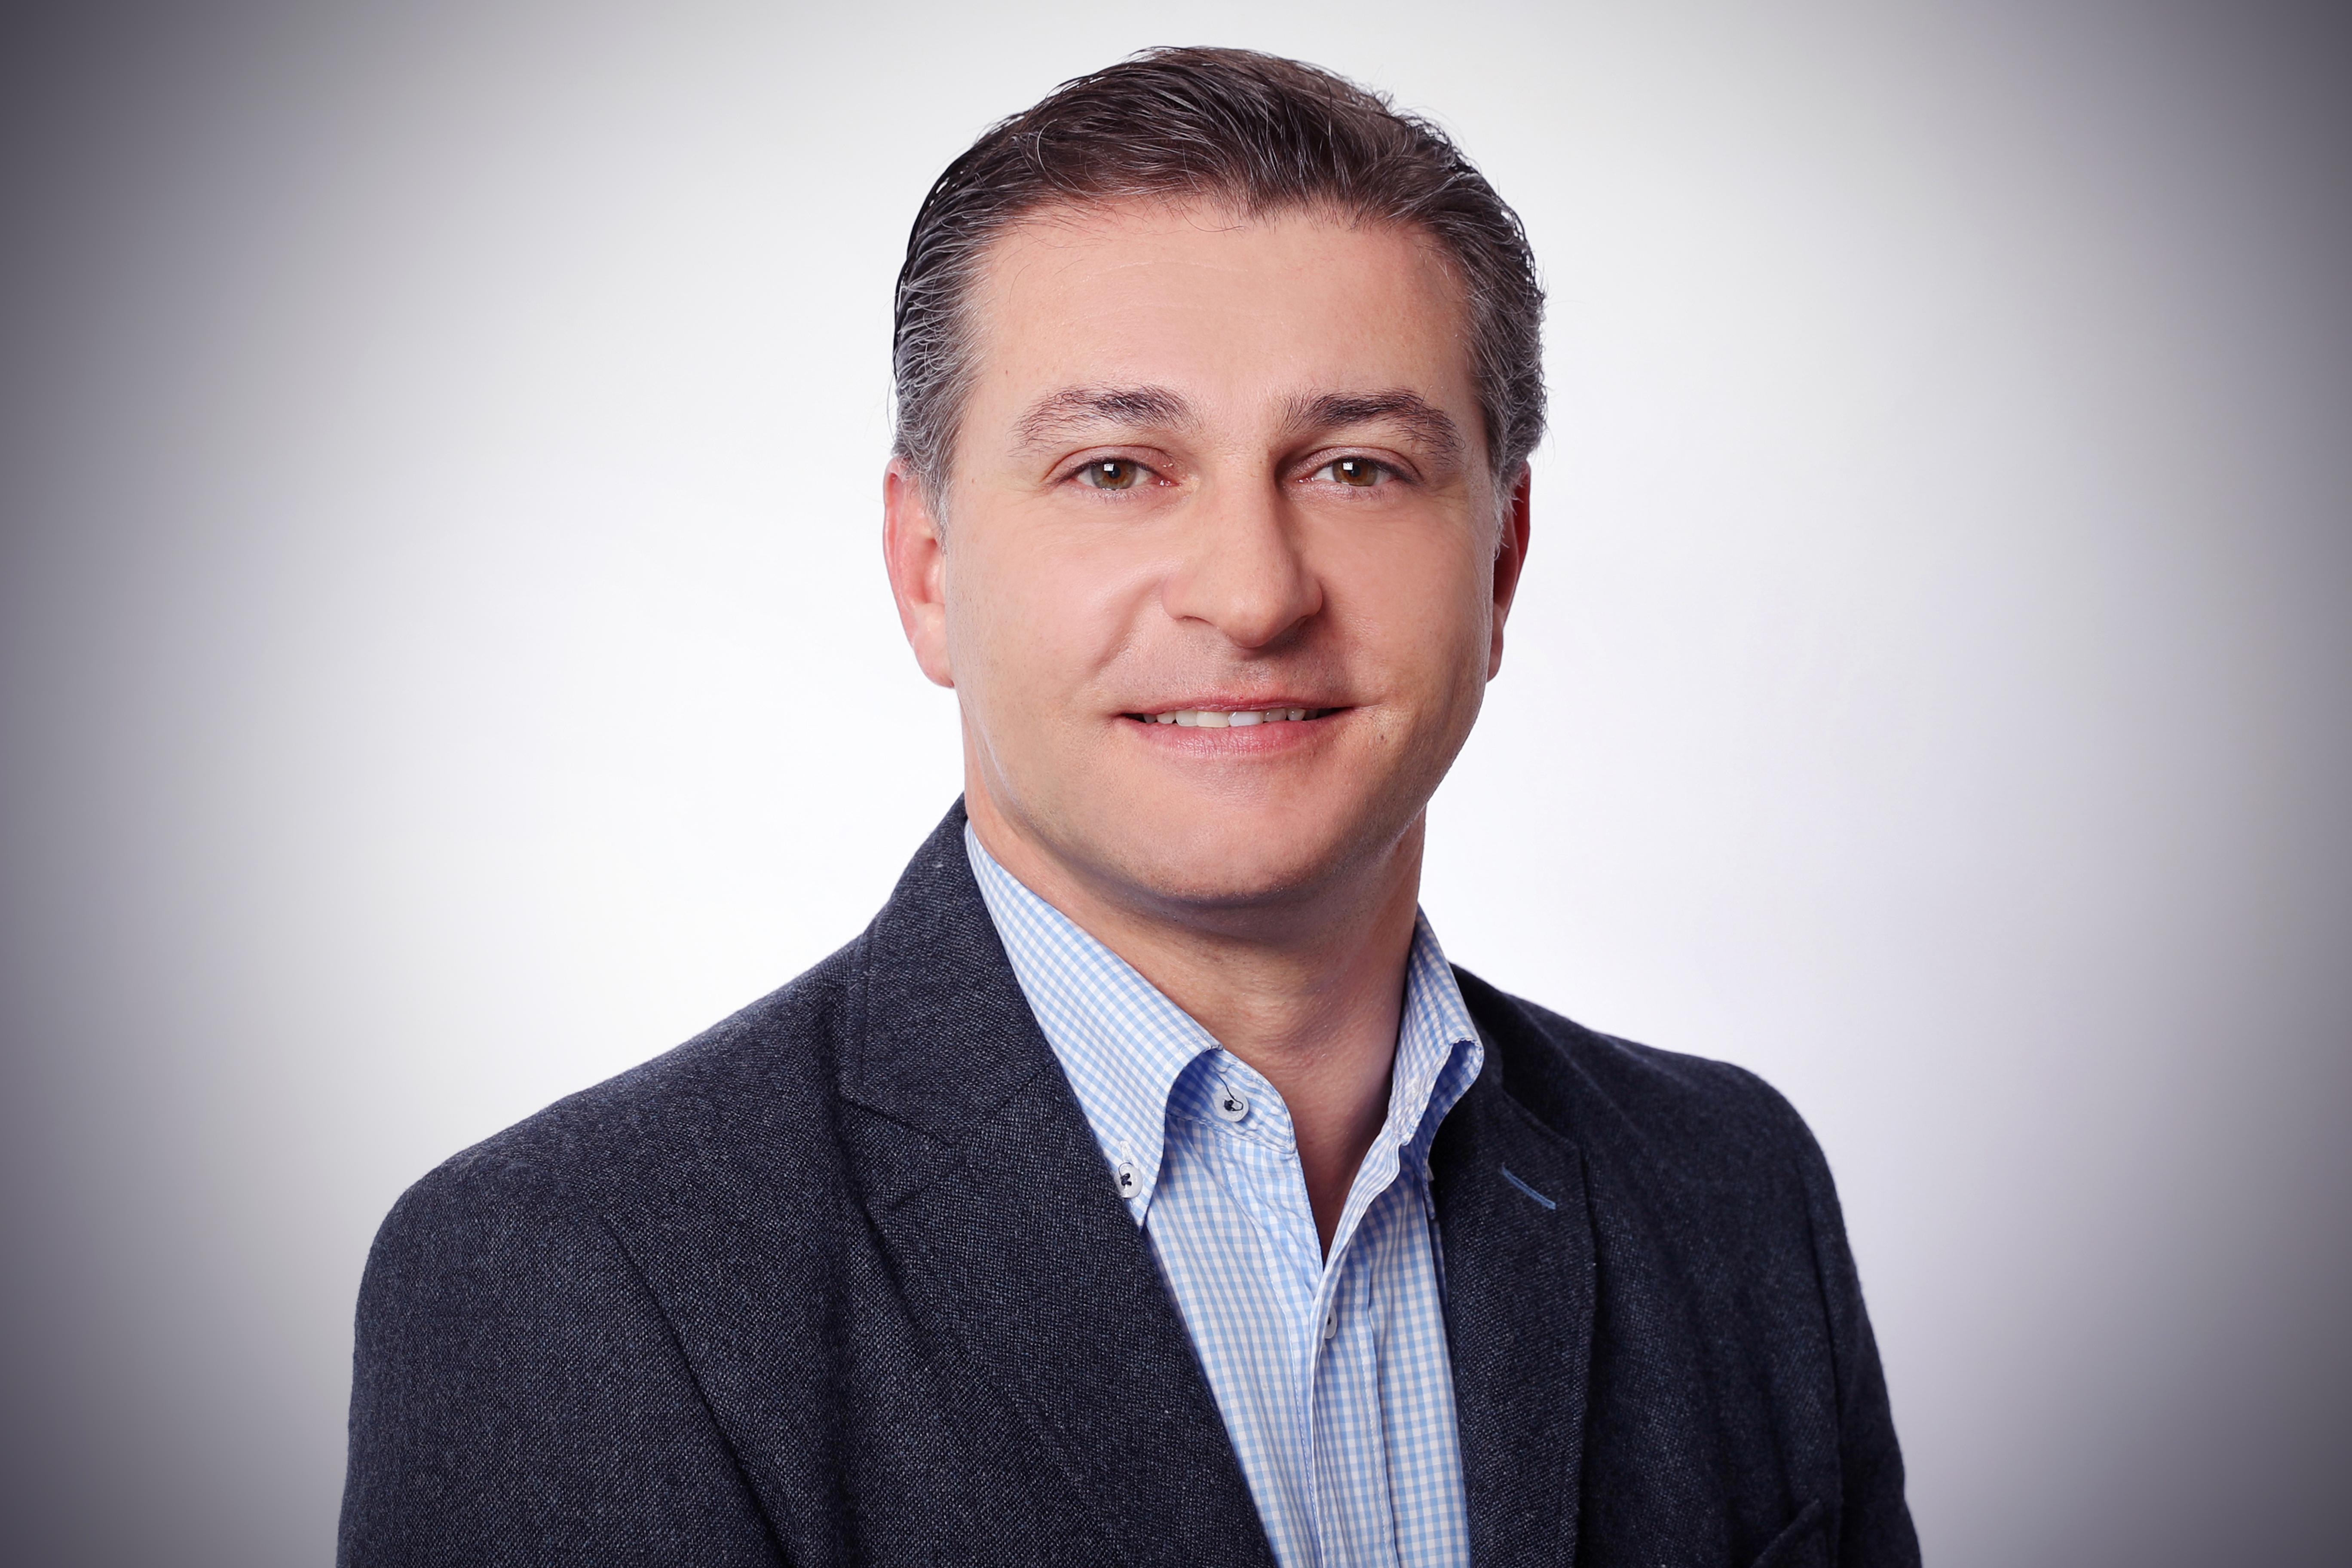 """Javier Llorente, Director de Nuvias en España """"una gran oportunidad para presentar nuestro gran portfolio de soluciones, tanto a los clientes finales como a nuestros partners. Además, nos permite poder introducir nuevos socios y explicar las oportunidades de crecimiento que se abren con el Grupo Nuvias en España."""" (Foto: Business Wire)"""